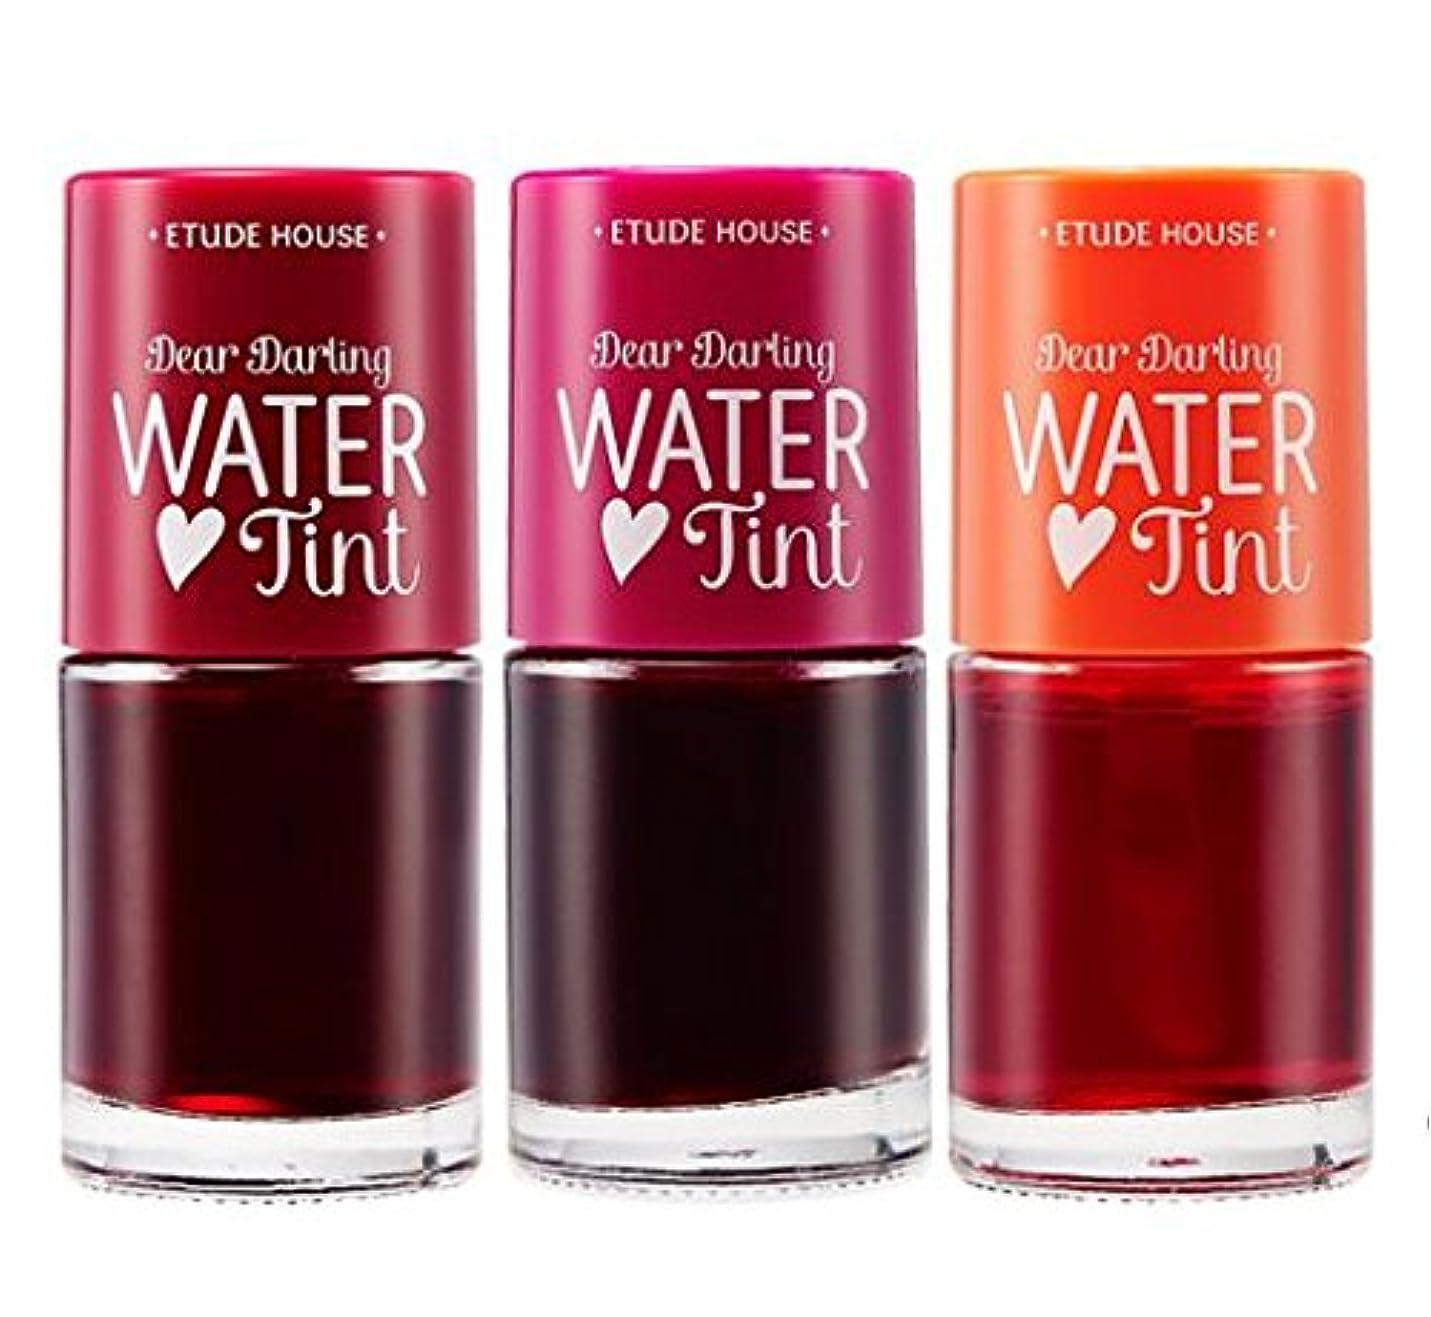 仕事チェリー篭[エチュードハウス] ETUDE HOUSE dear darling water tint ディア ダーリン ウォーター ティント3個セット [並行輸入品]